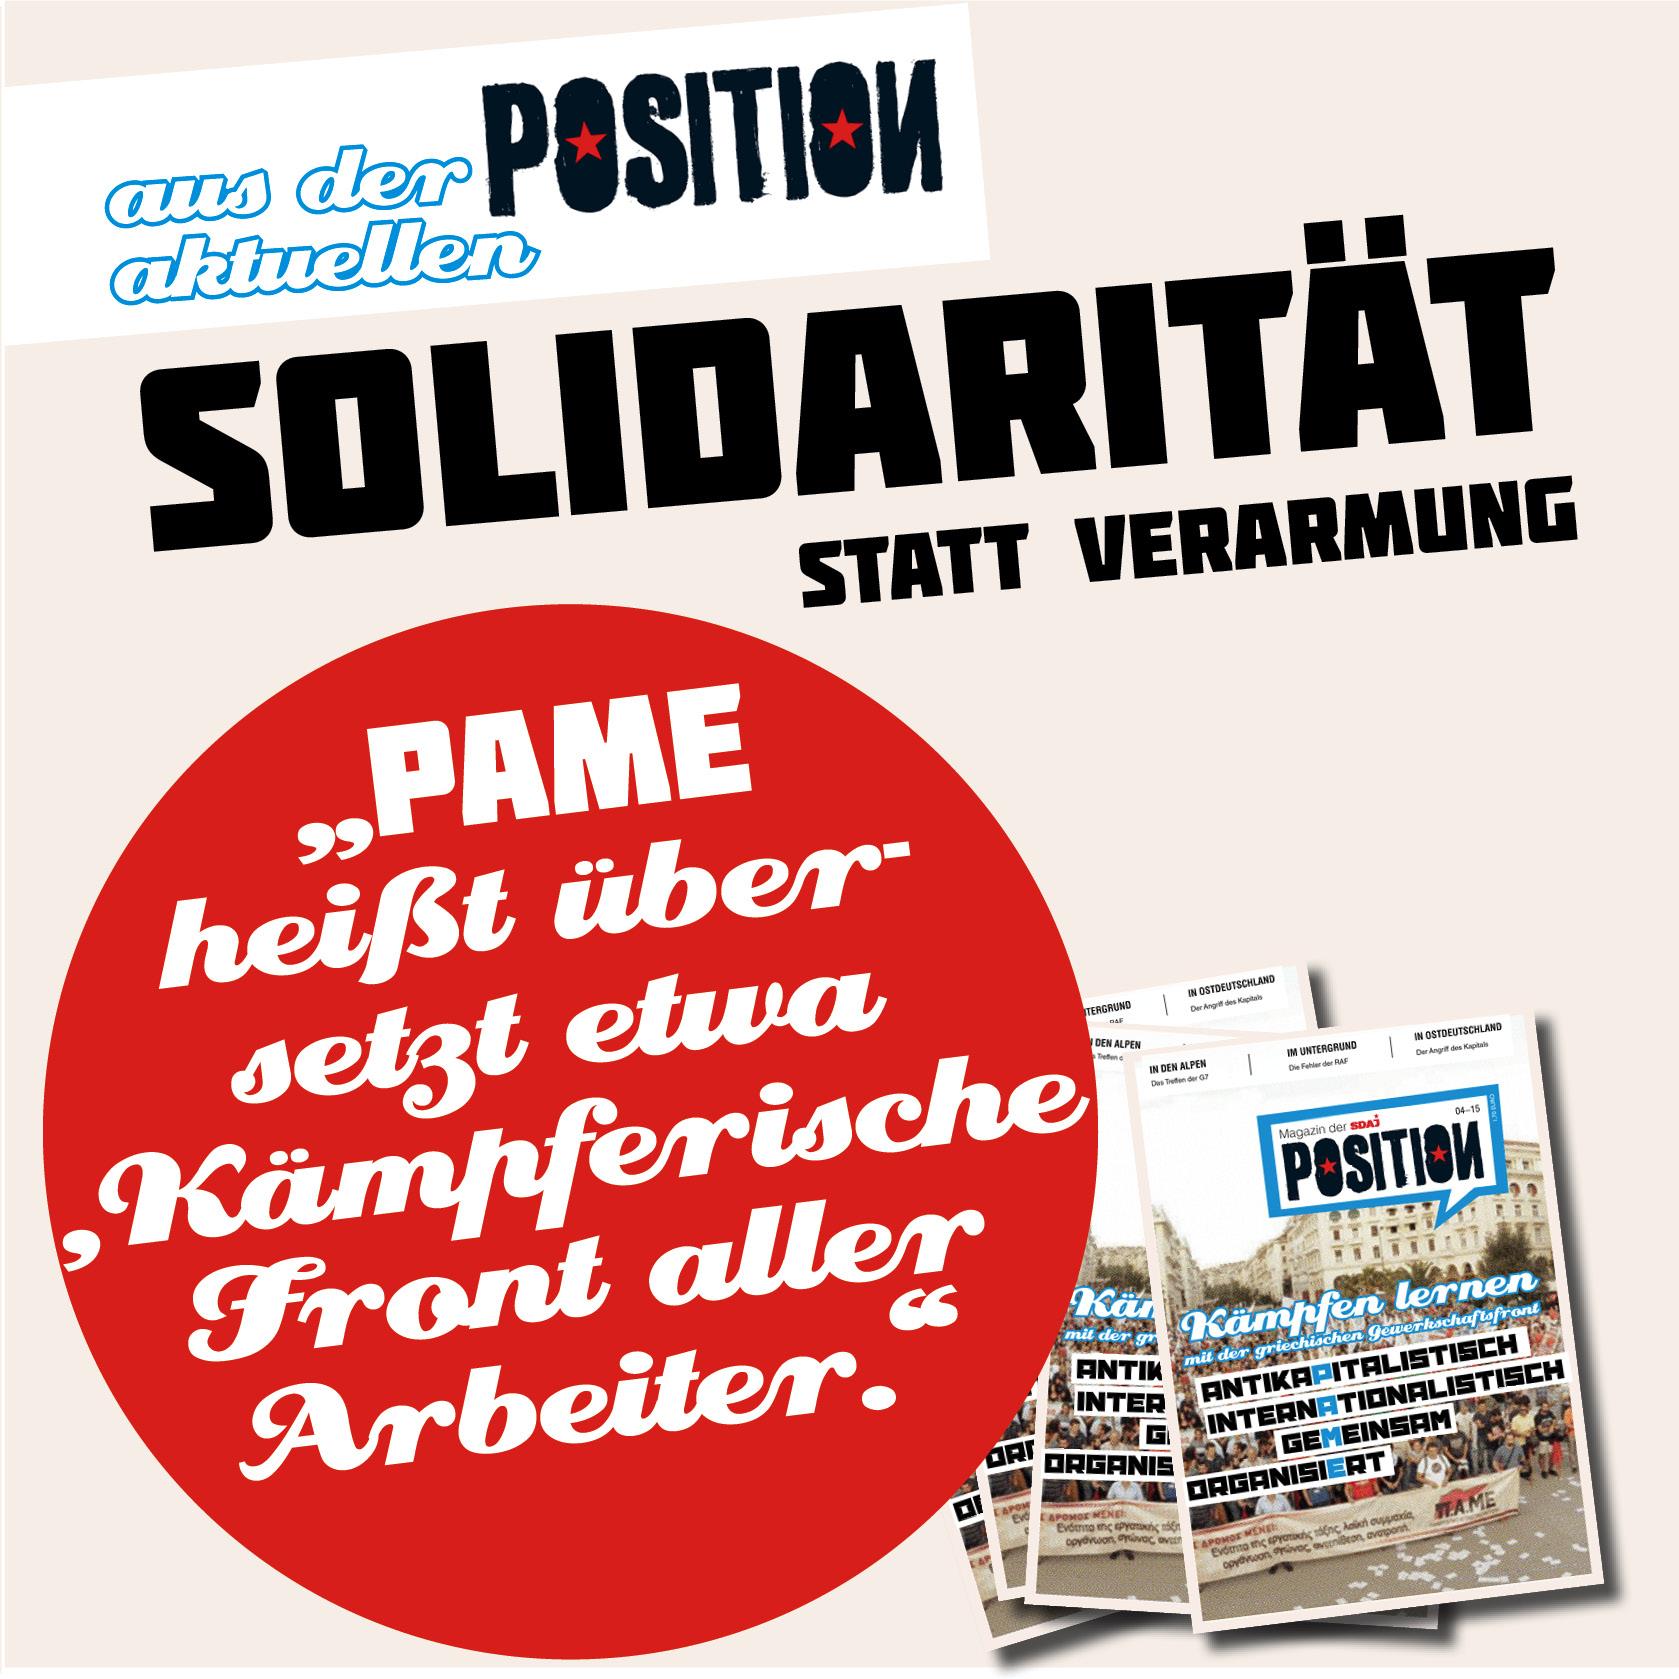 Solidarität statt Verarmung